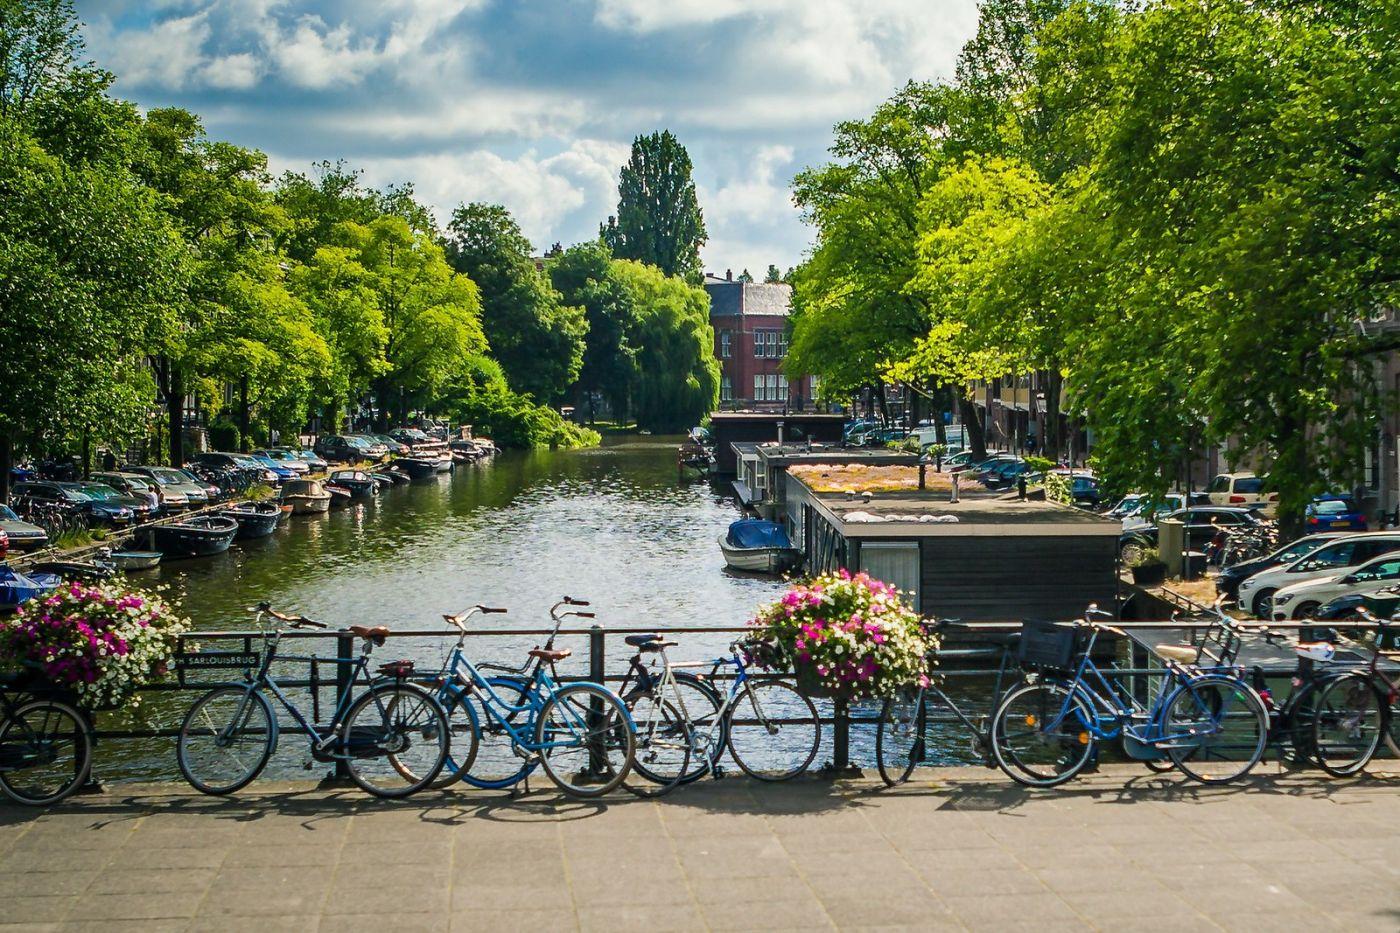 荷兰阿姆斯特丹,穿梭的自行车_图1-30